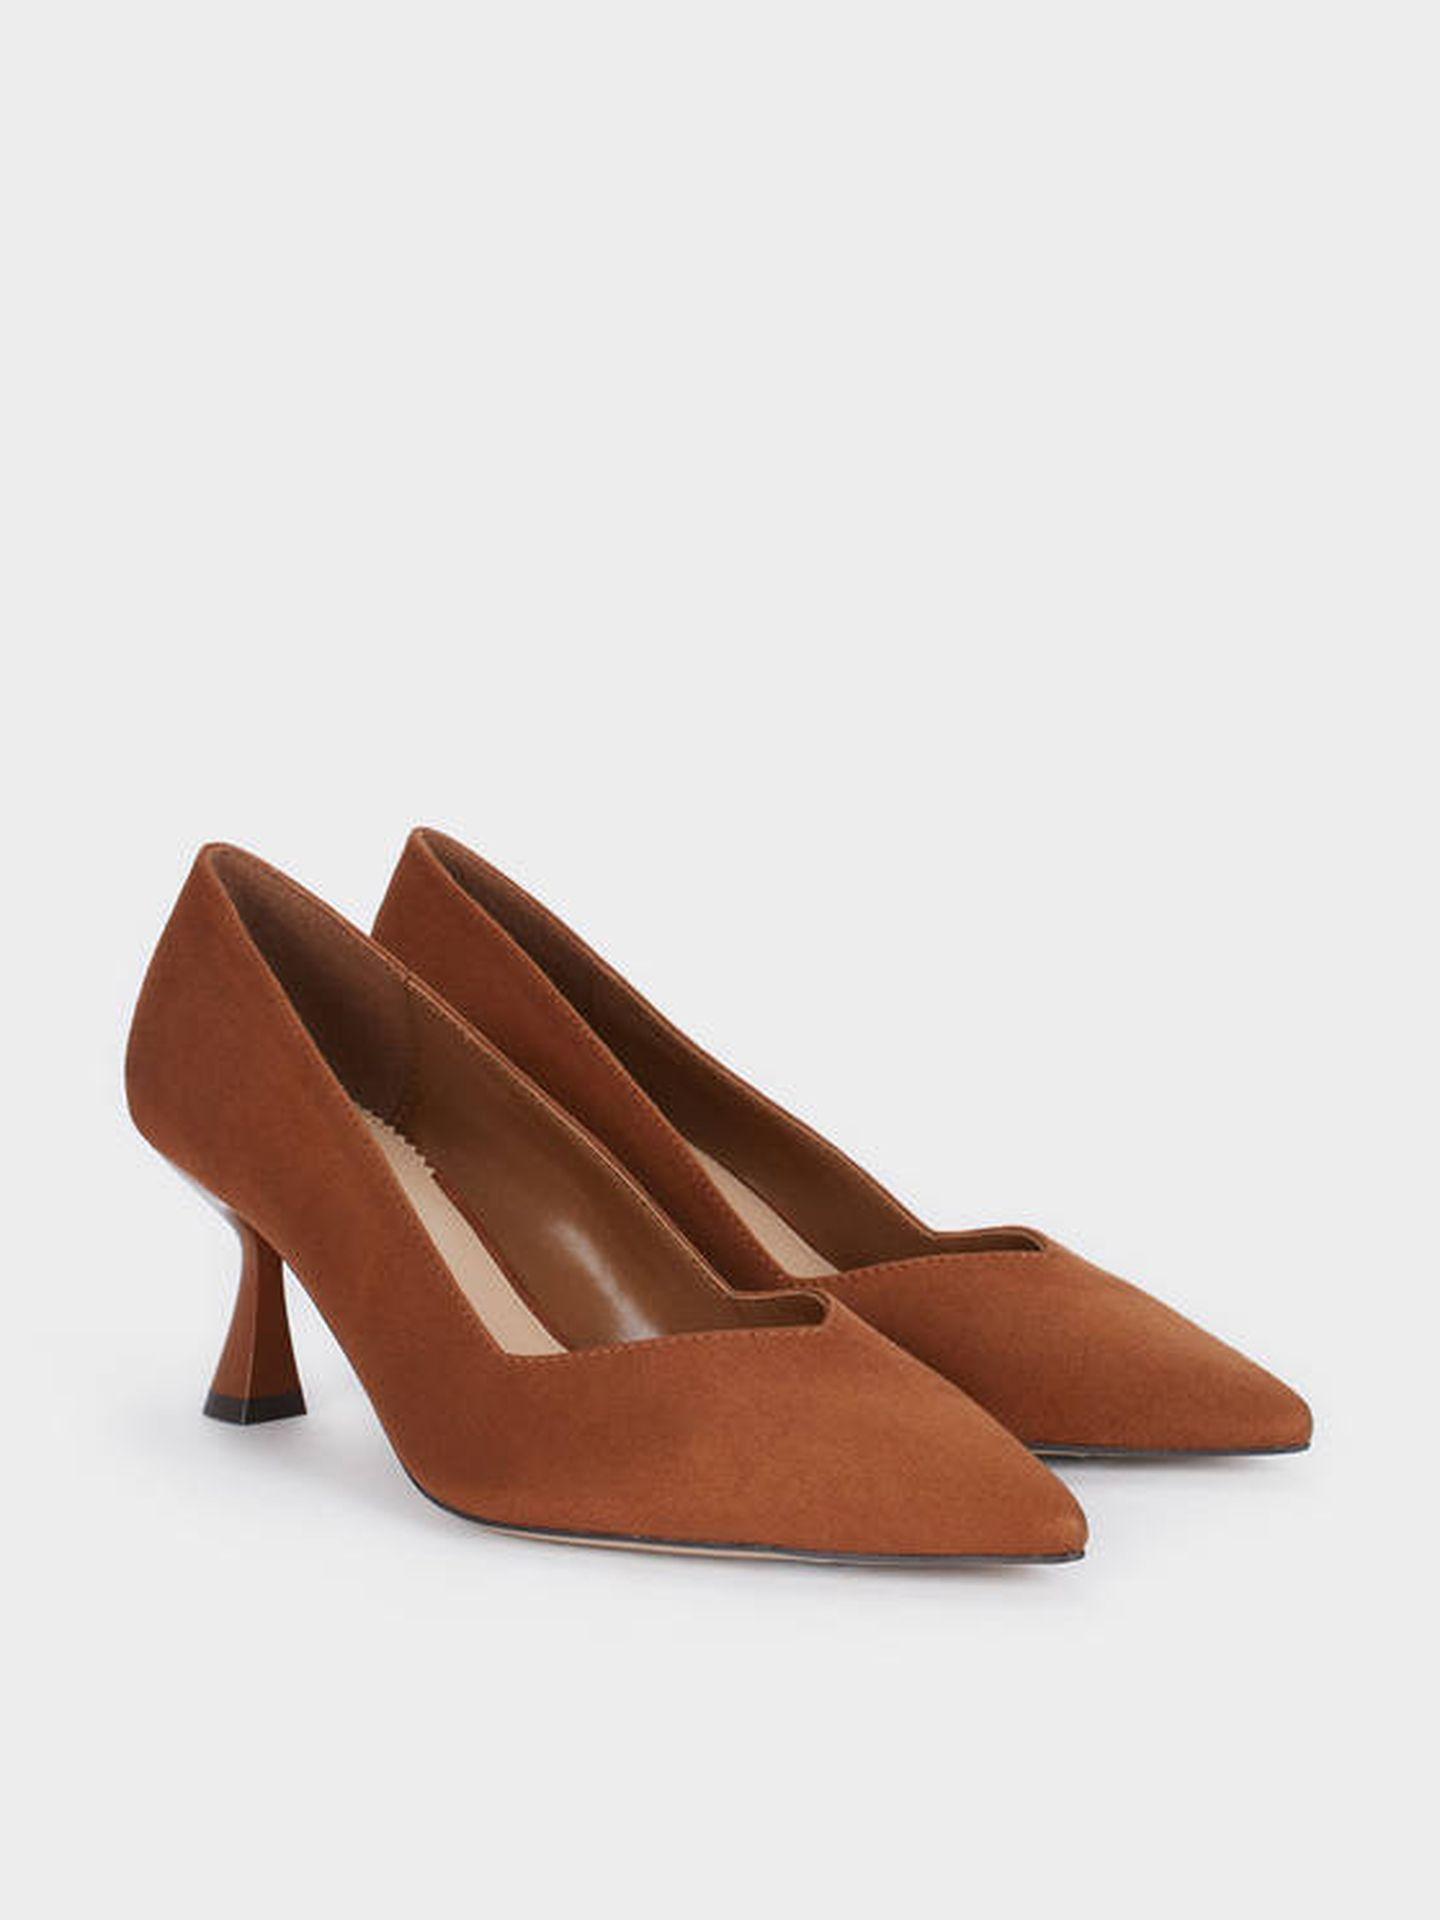 Zapatos de tacón rebajados de Parfois. (Cortesía)